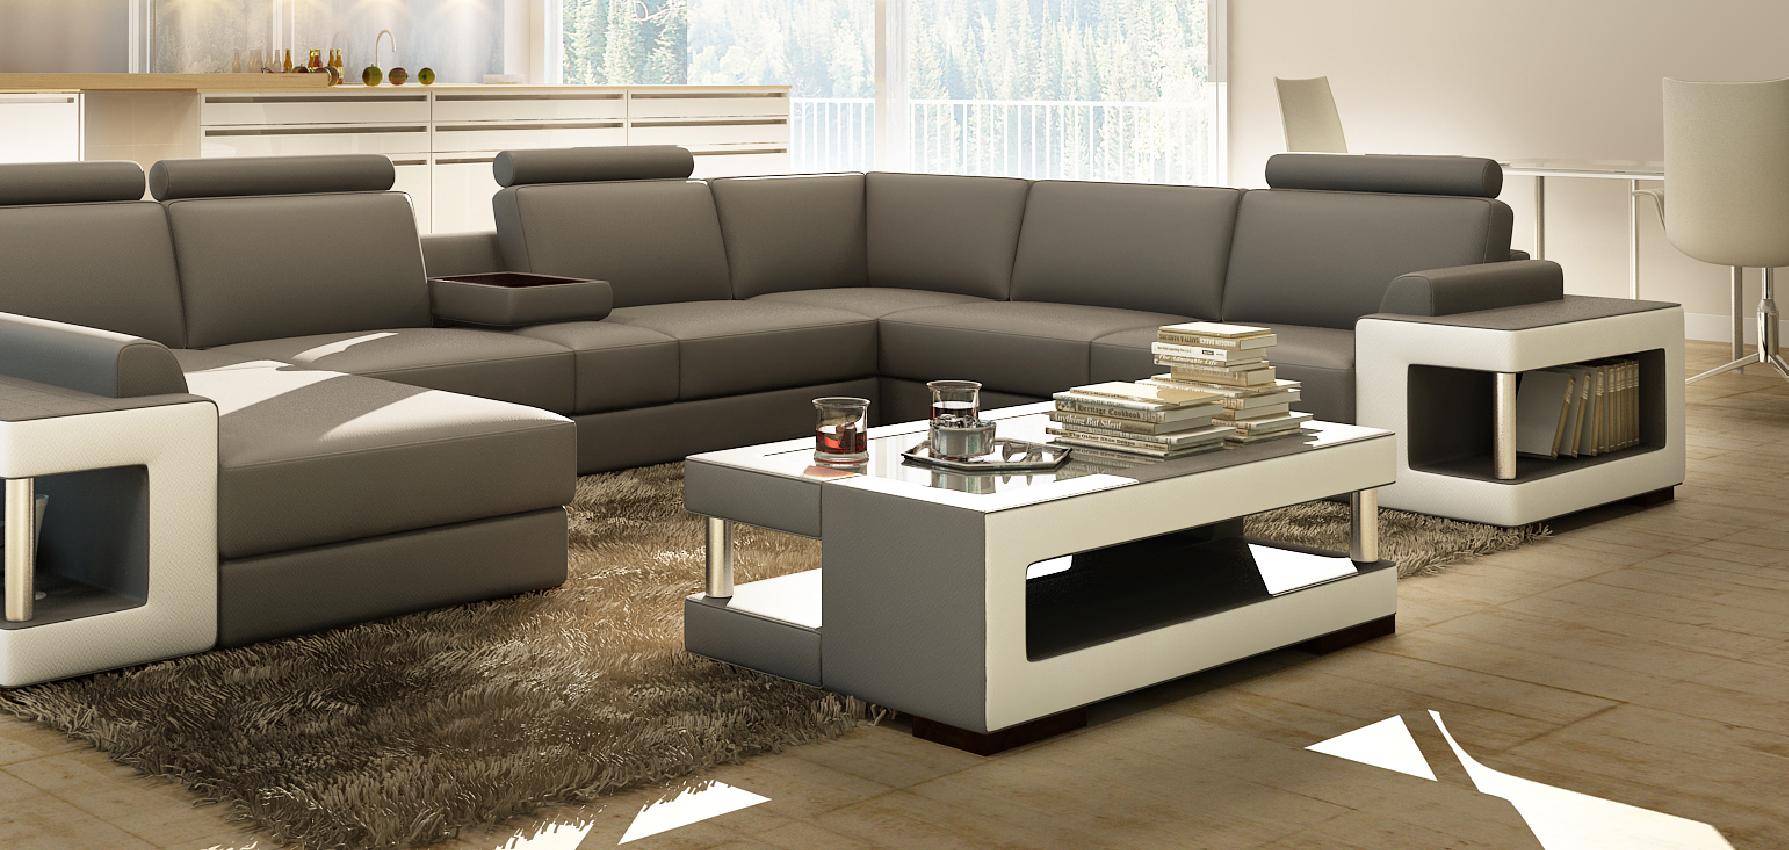 Designer tisch und couchtisch sofatisch bei jv m bel aus for Designer tische wohnzimmer